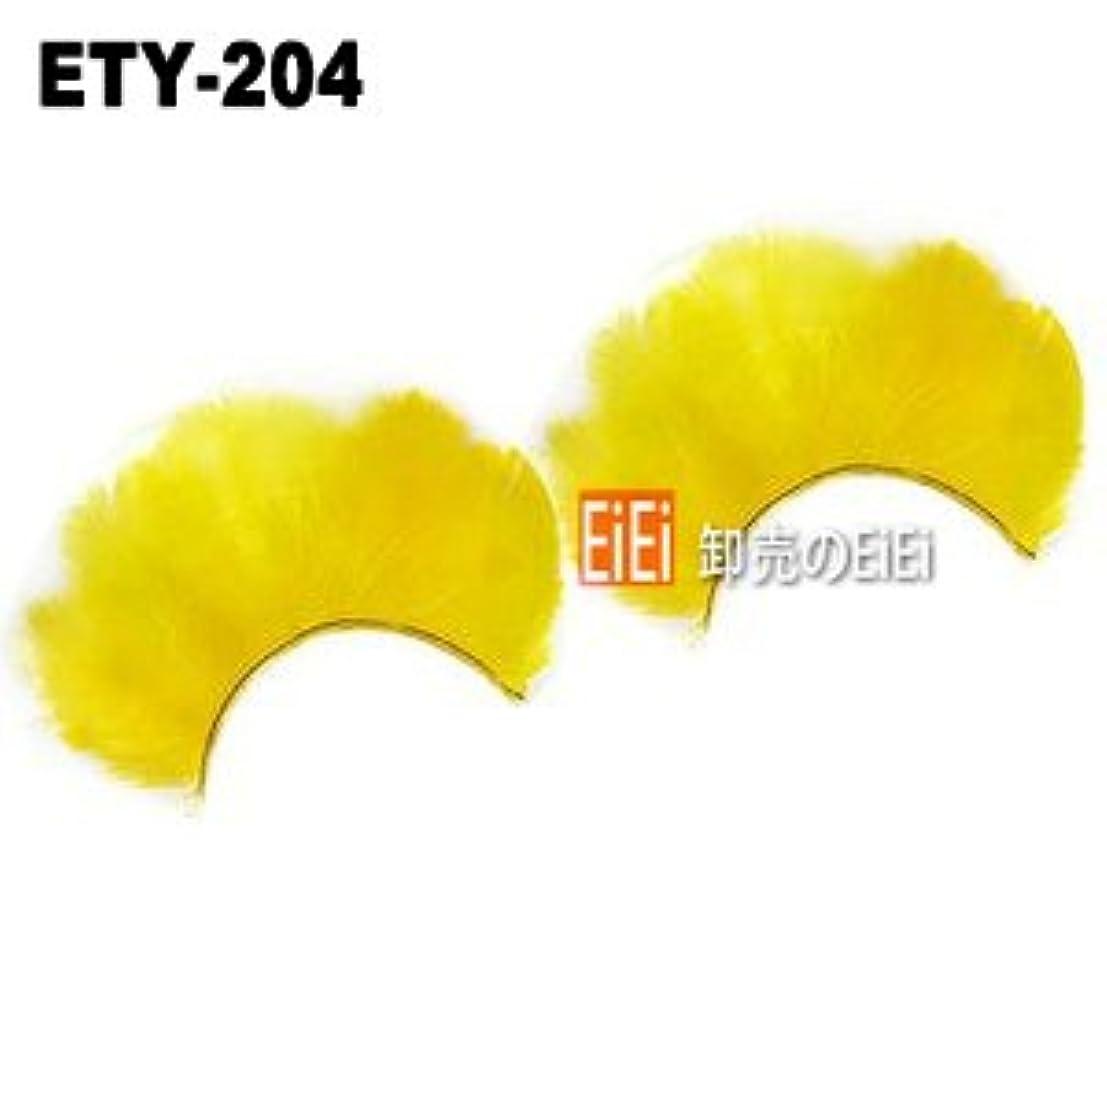 ローン光沢るつけまつげ セット 羽 ナチュラル つけま 部分 まつげ 羽まつげ 羽根つけま カラー デザイン フェザー 激安 アイラッシュ ETY-200set (ETY-204)